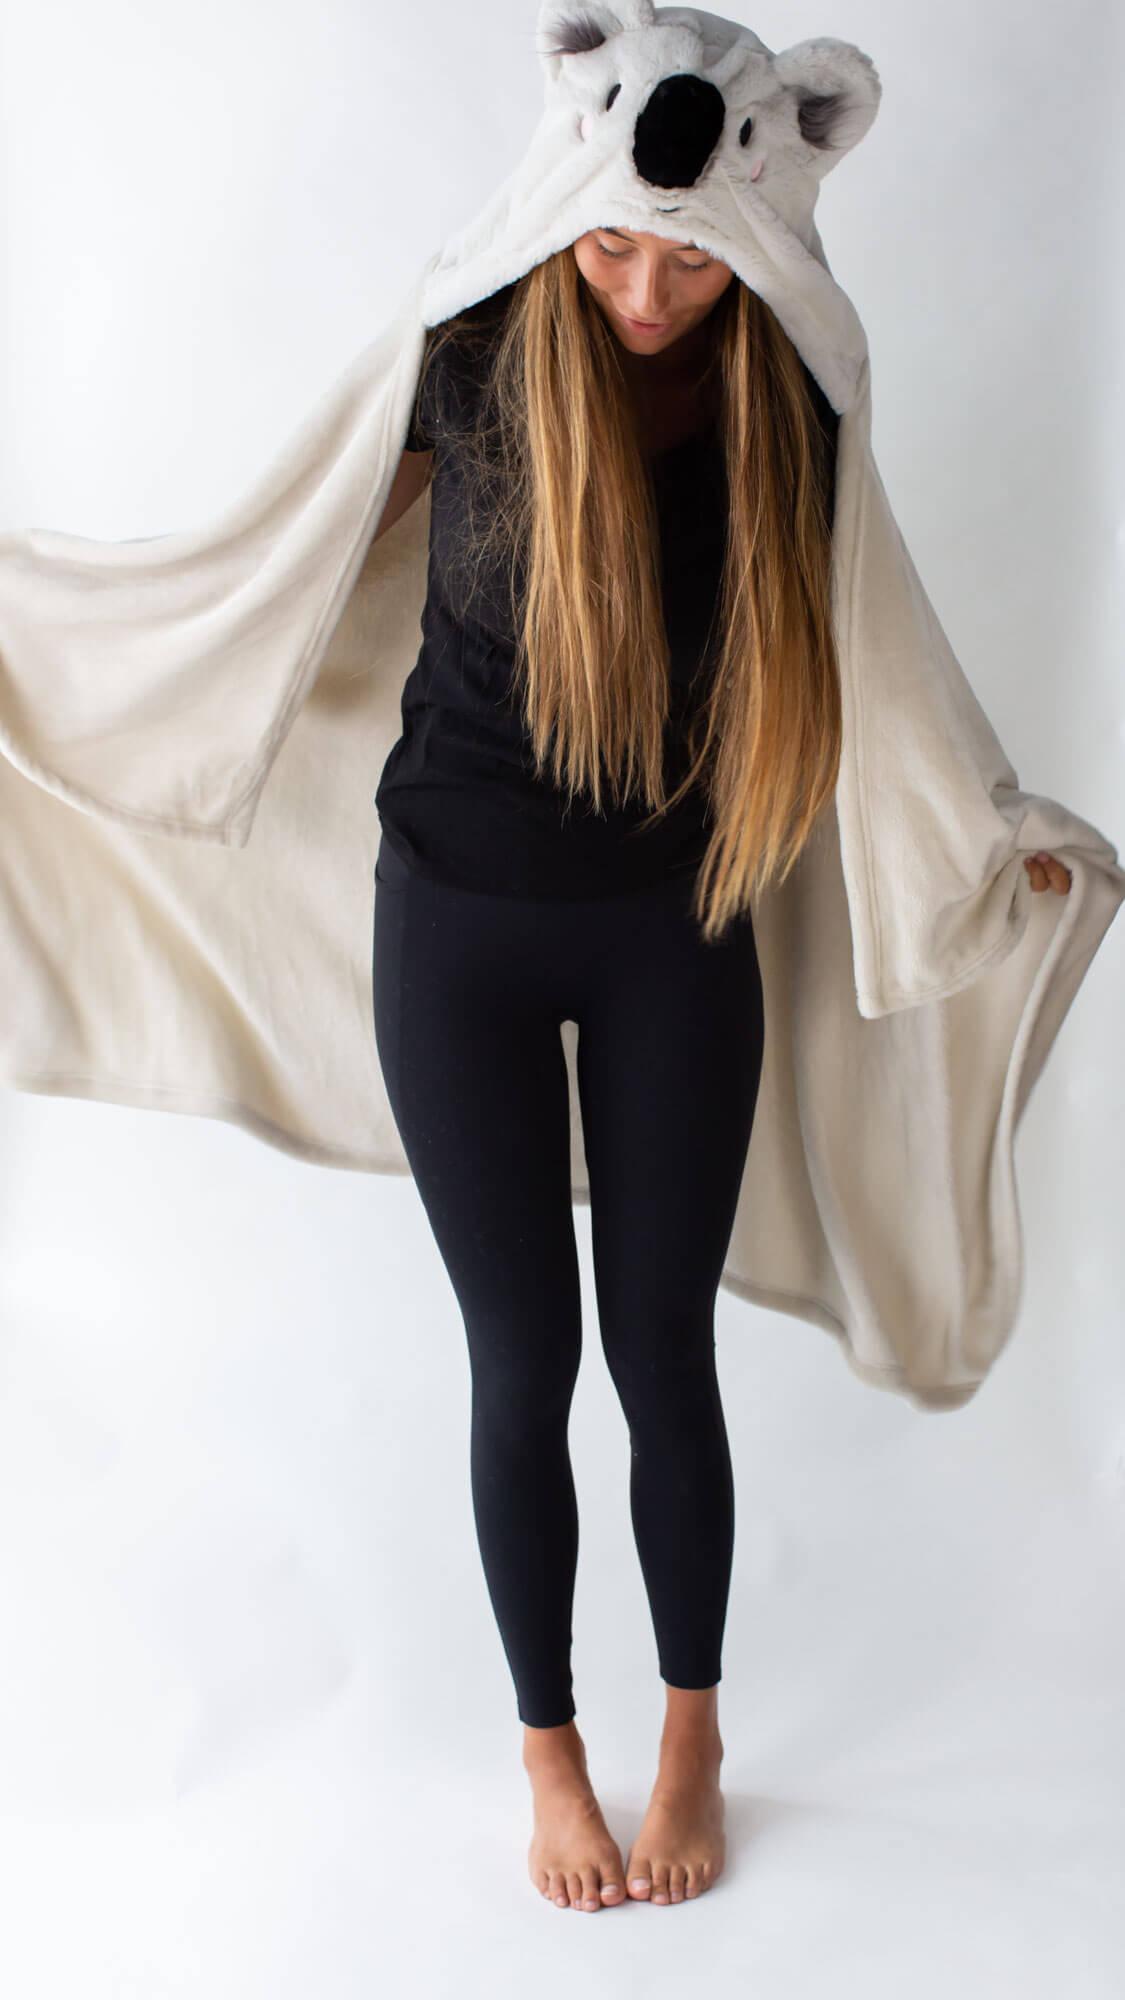 Model - product photography dorset-Lara Jane Thorpe